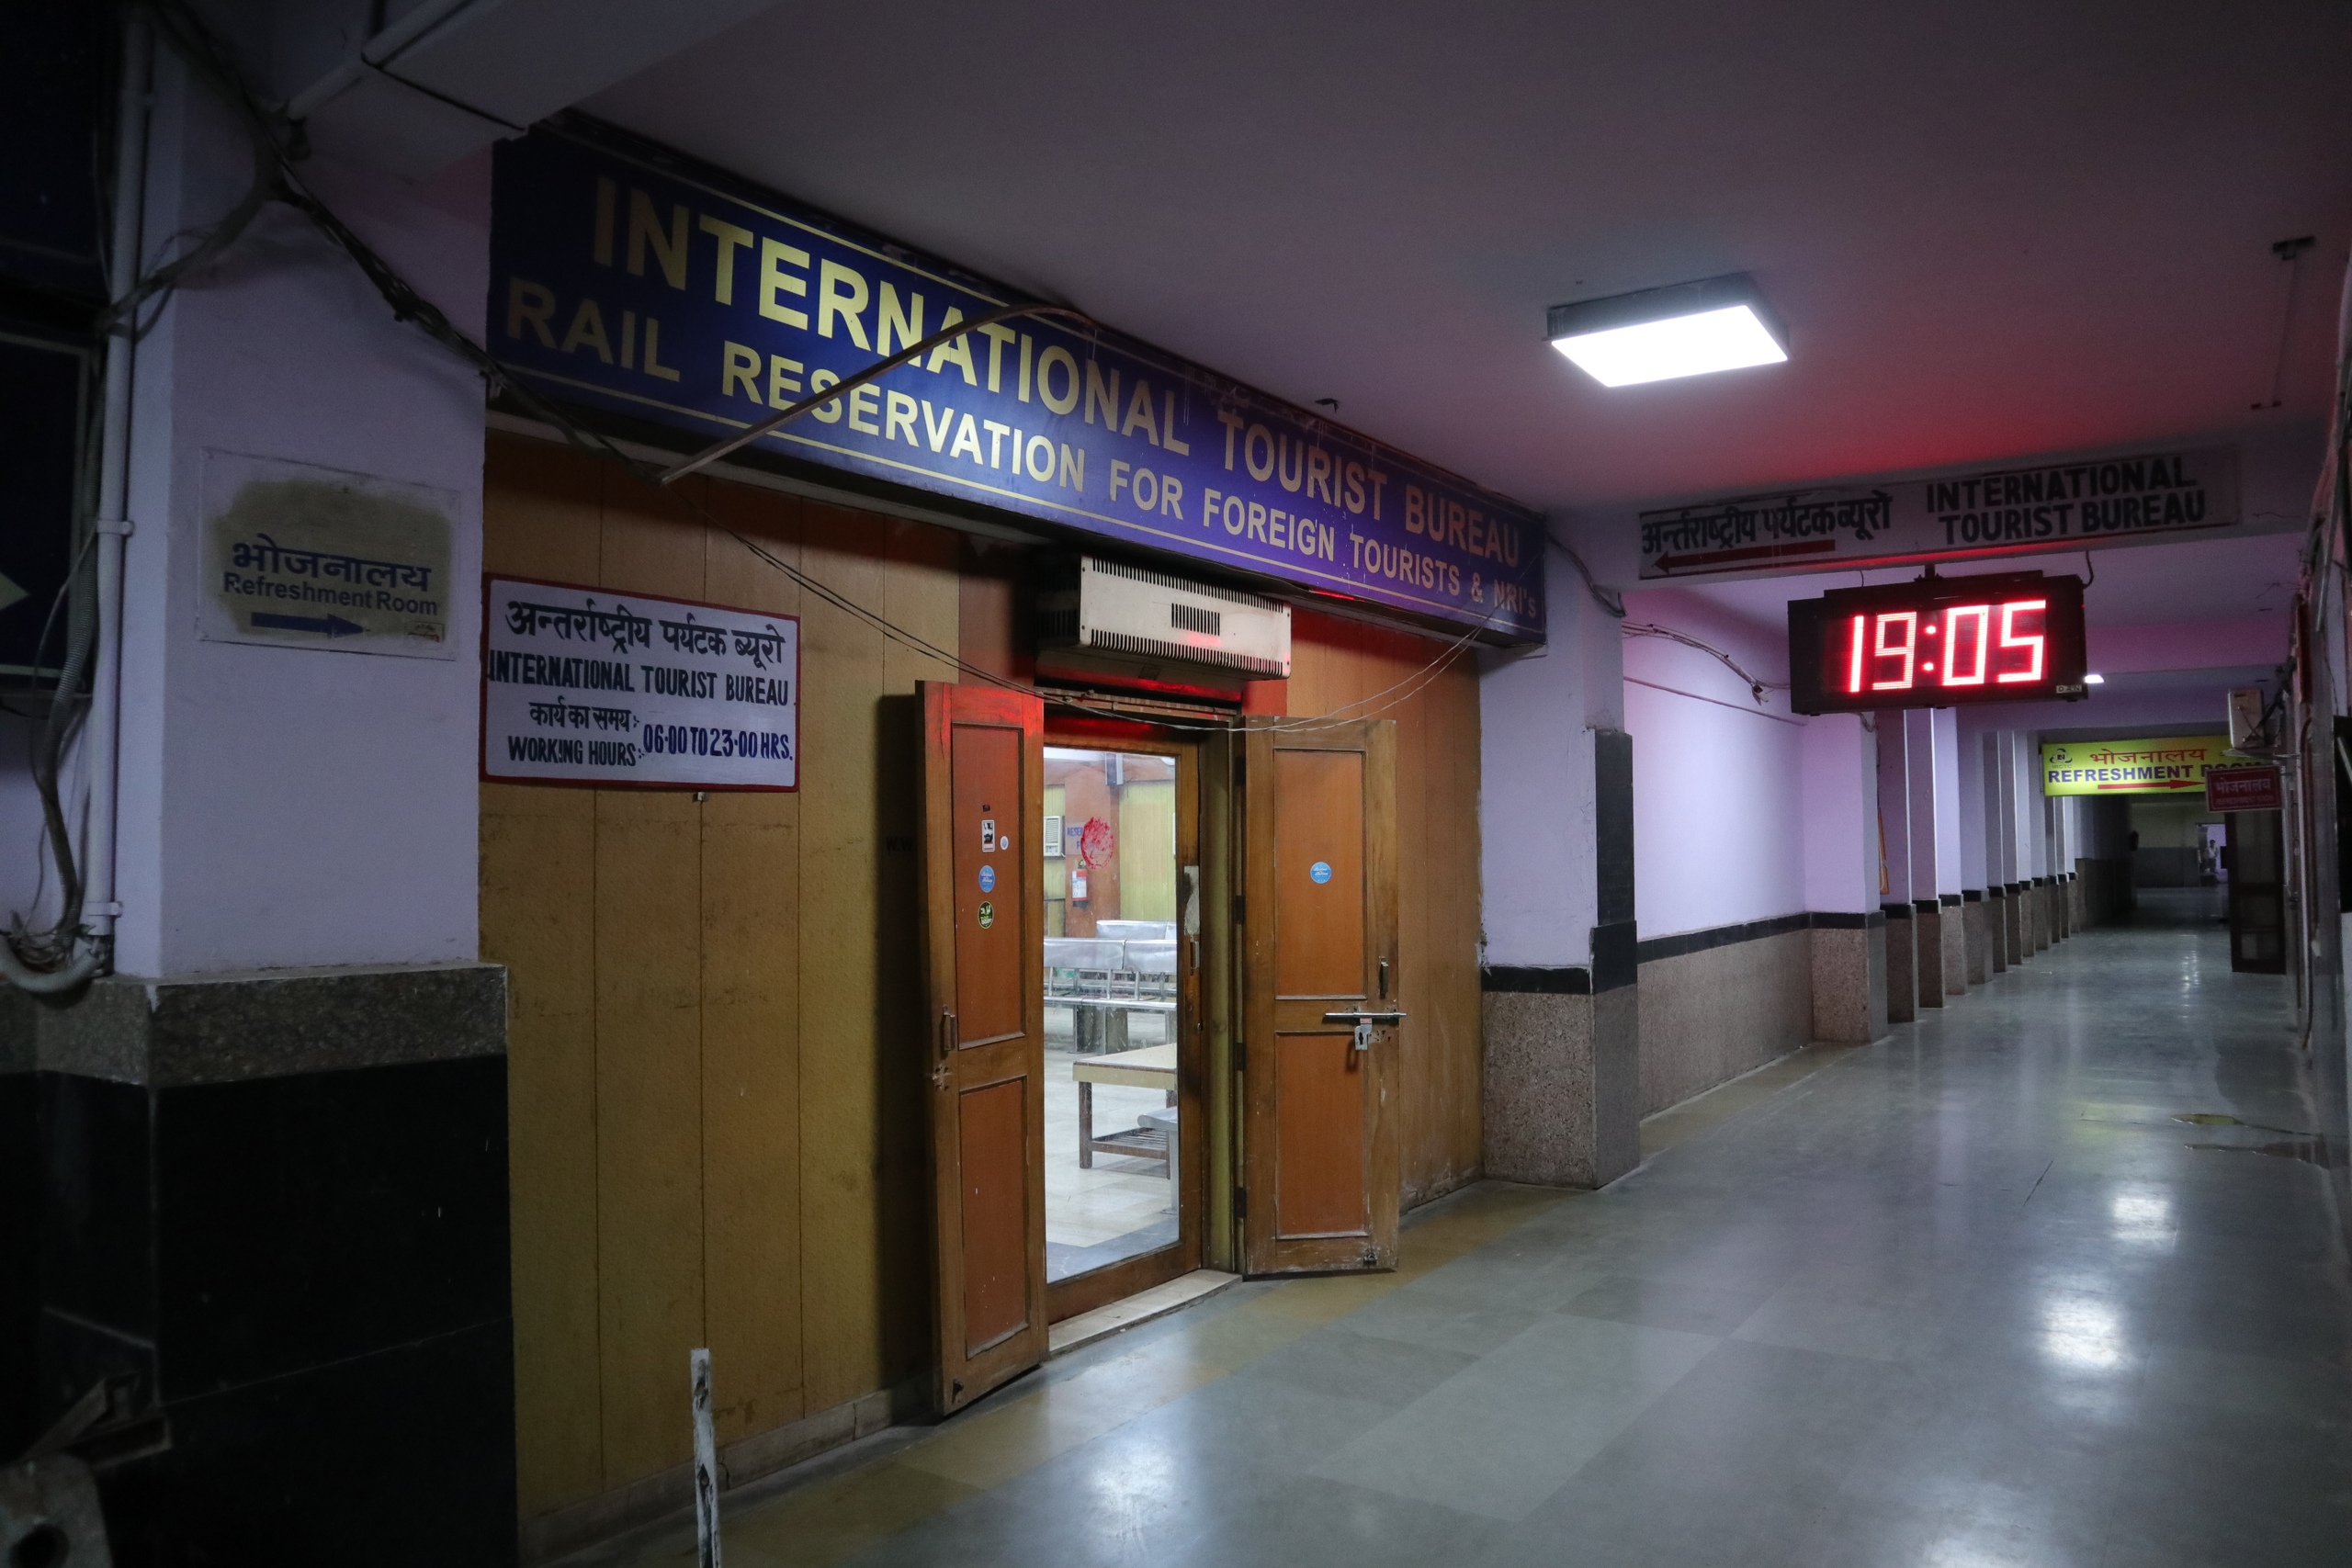 Едем на поезде по Индии. Инструкции как покупать билеты